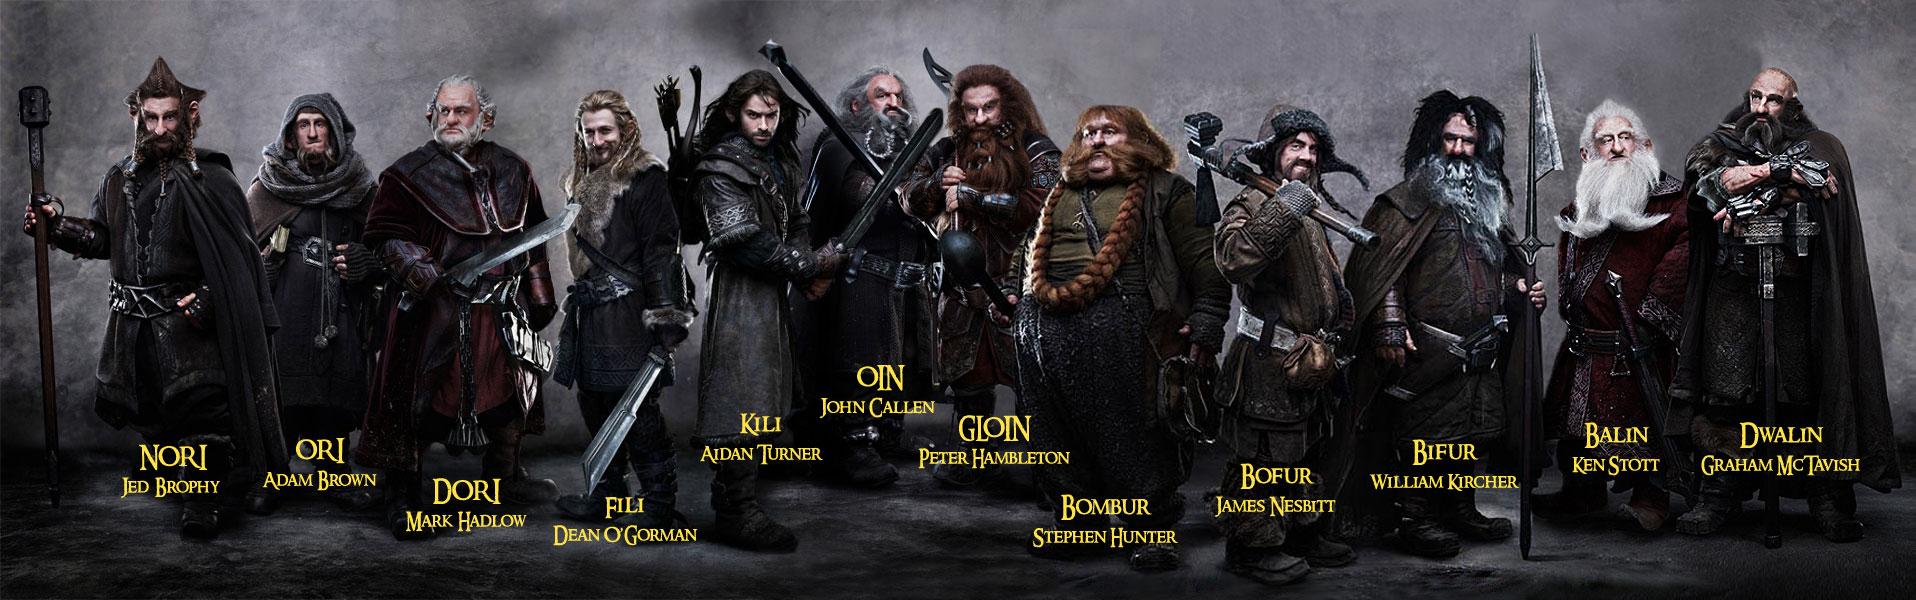 12-dwarves-hobbit